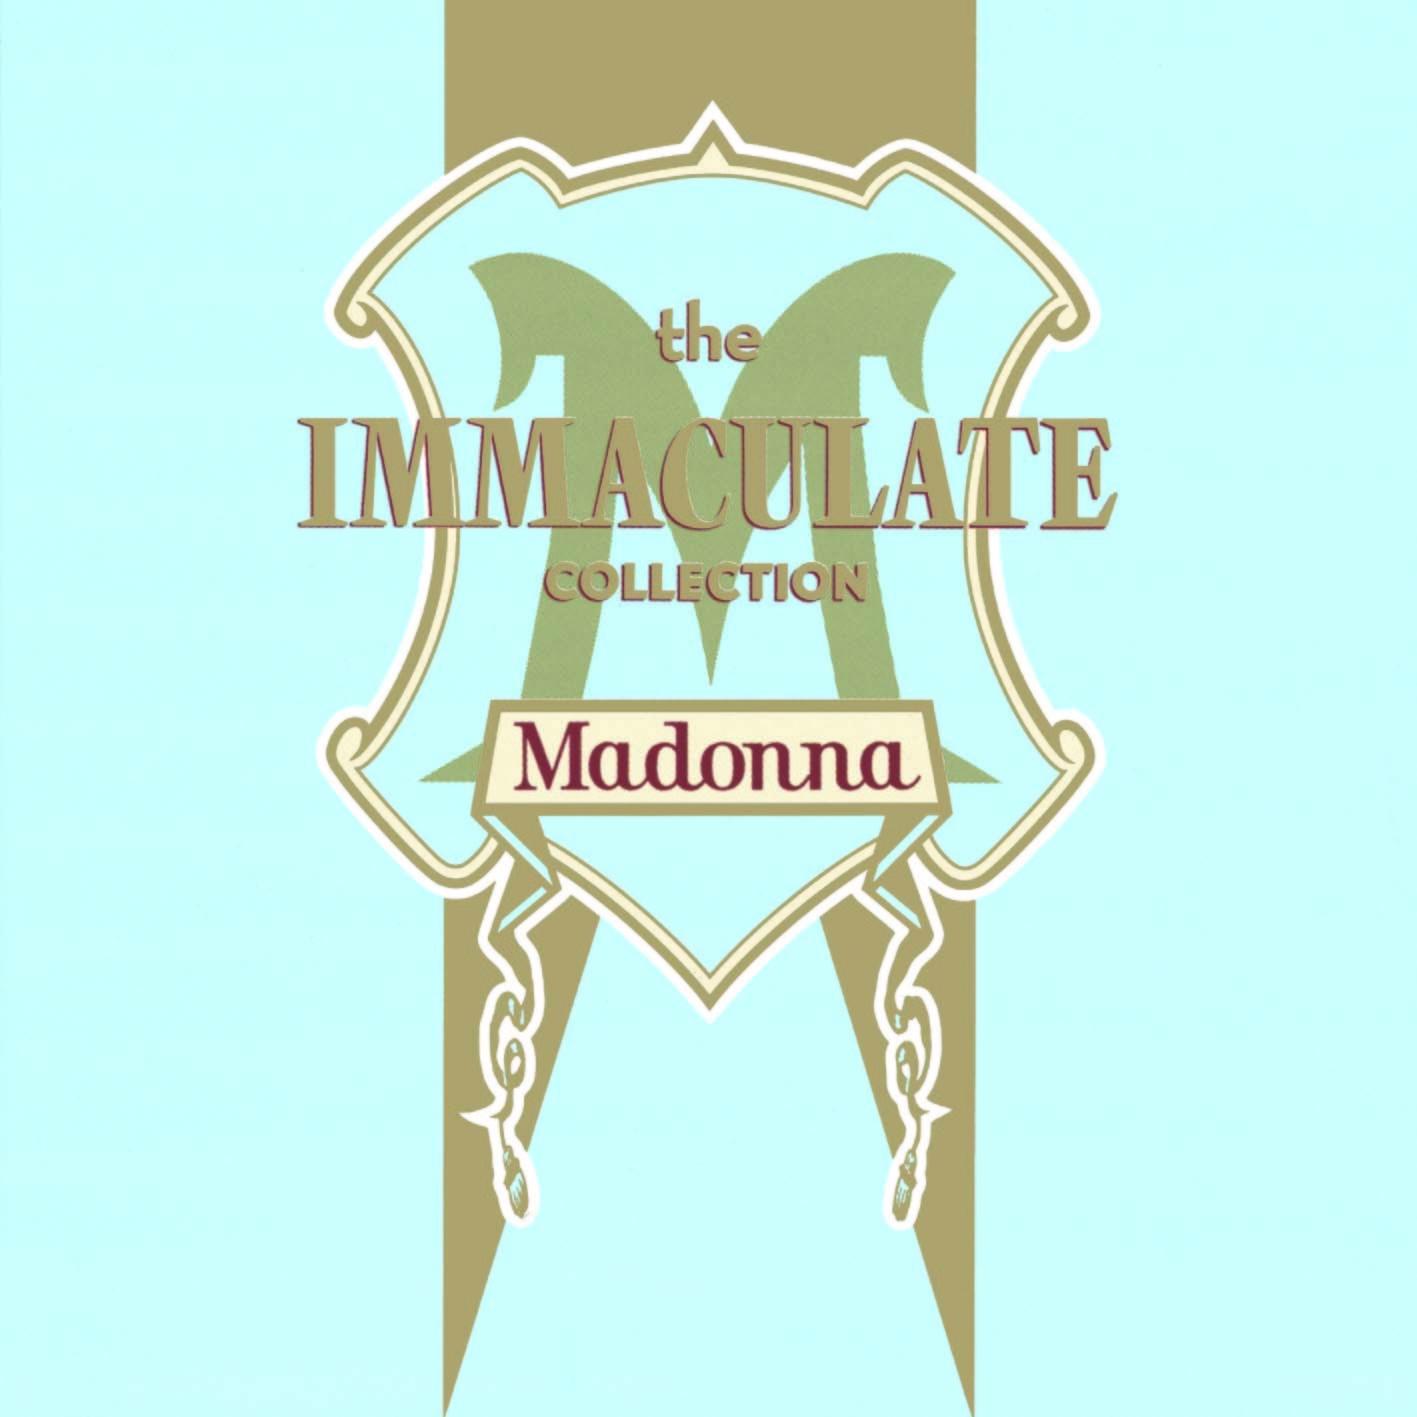 『ウルトラ・マドンナ~グレイテスト・ヒッツ (原題:THE IMMACULATE COLLECTION)』